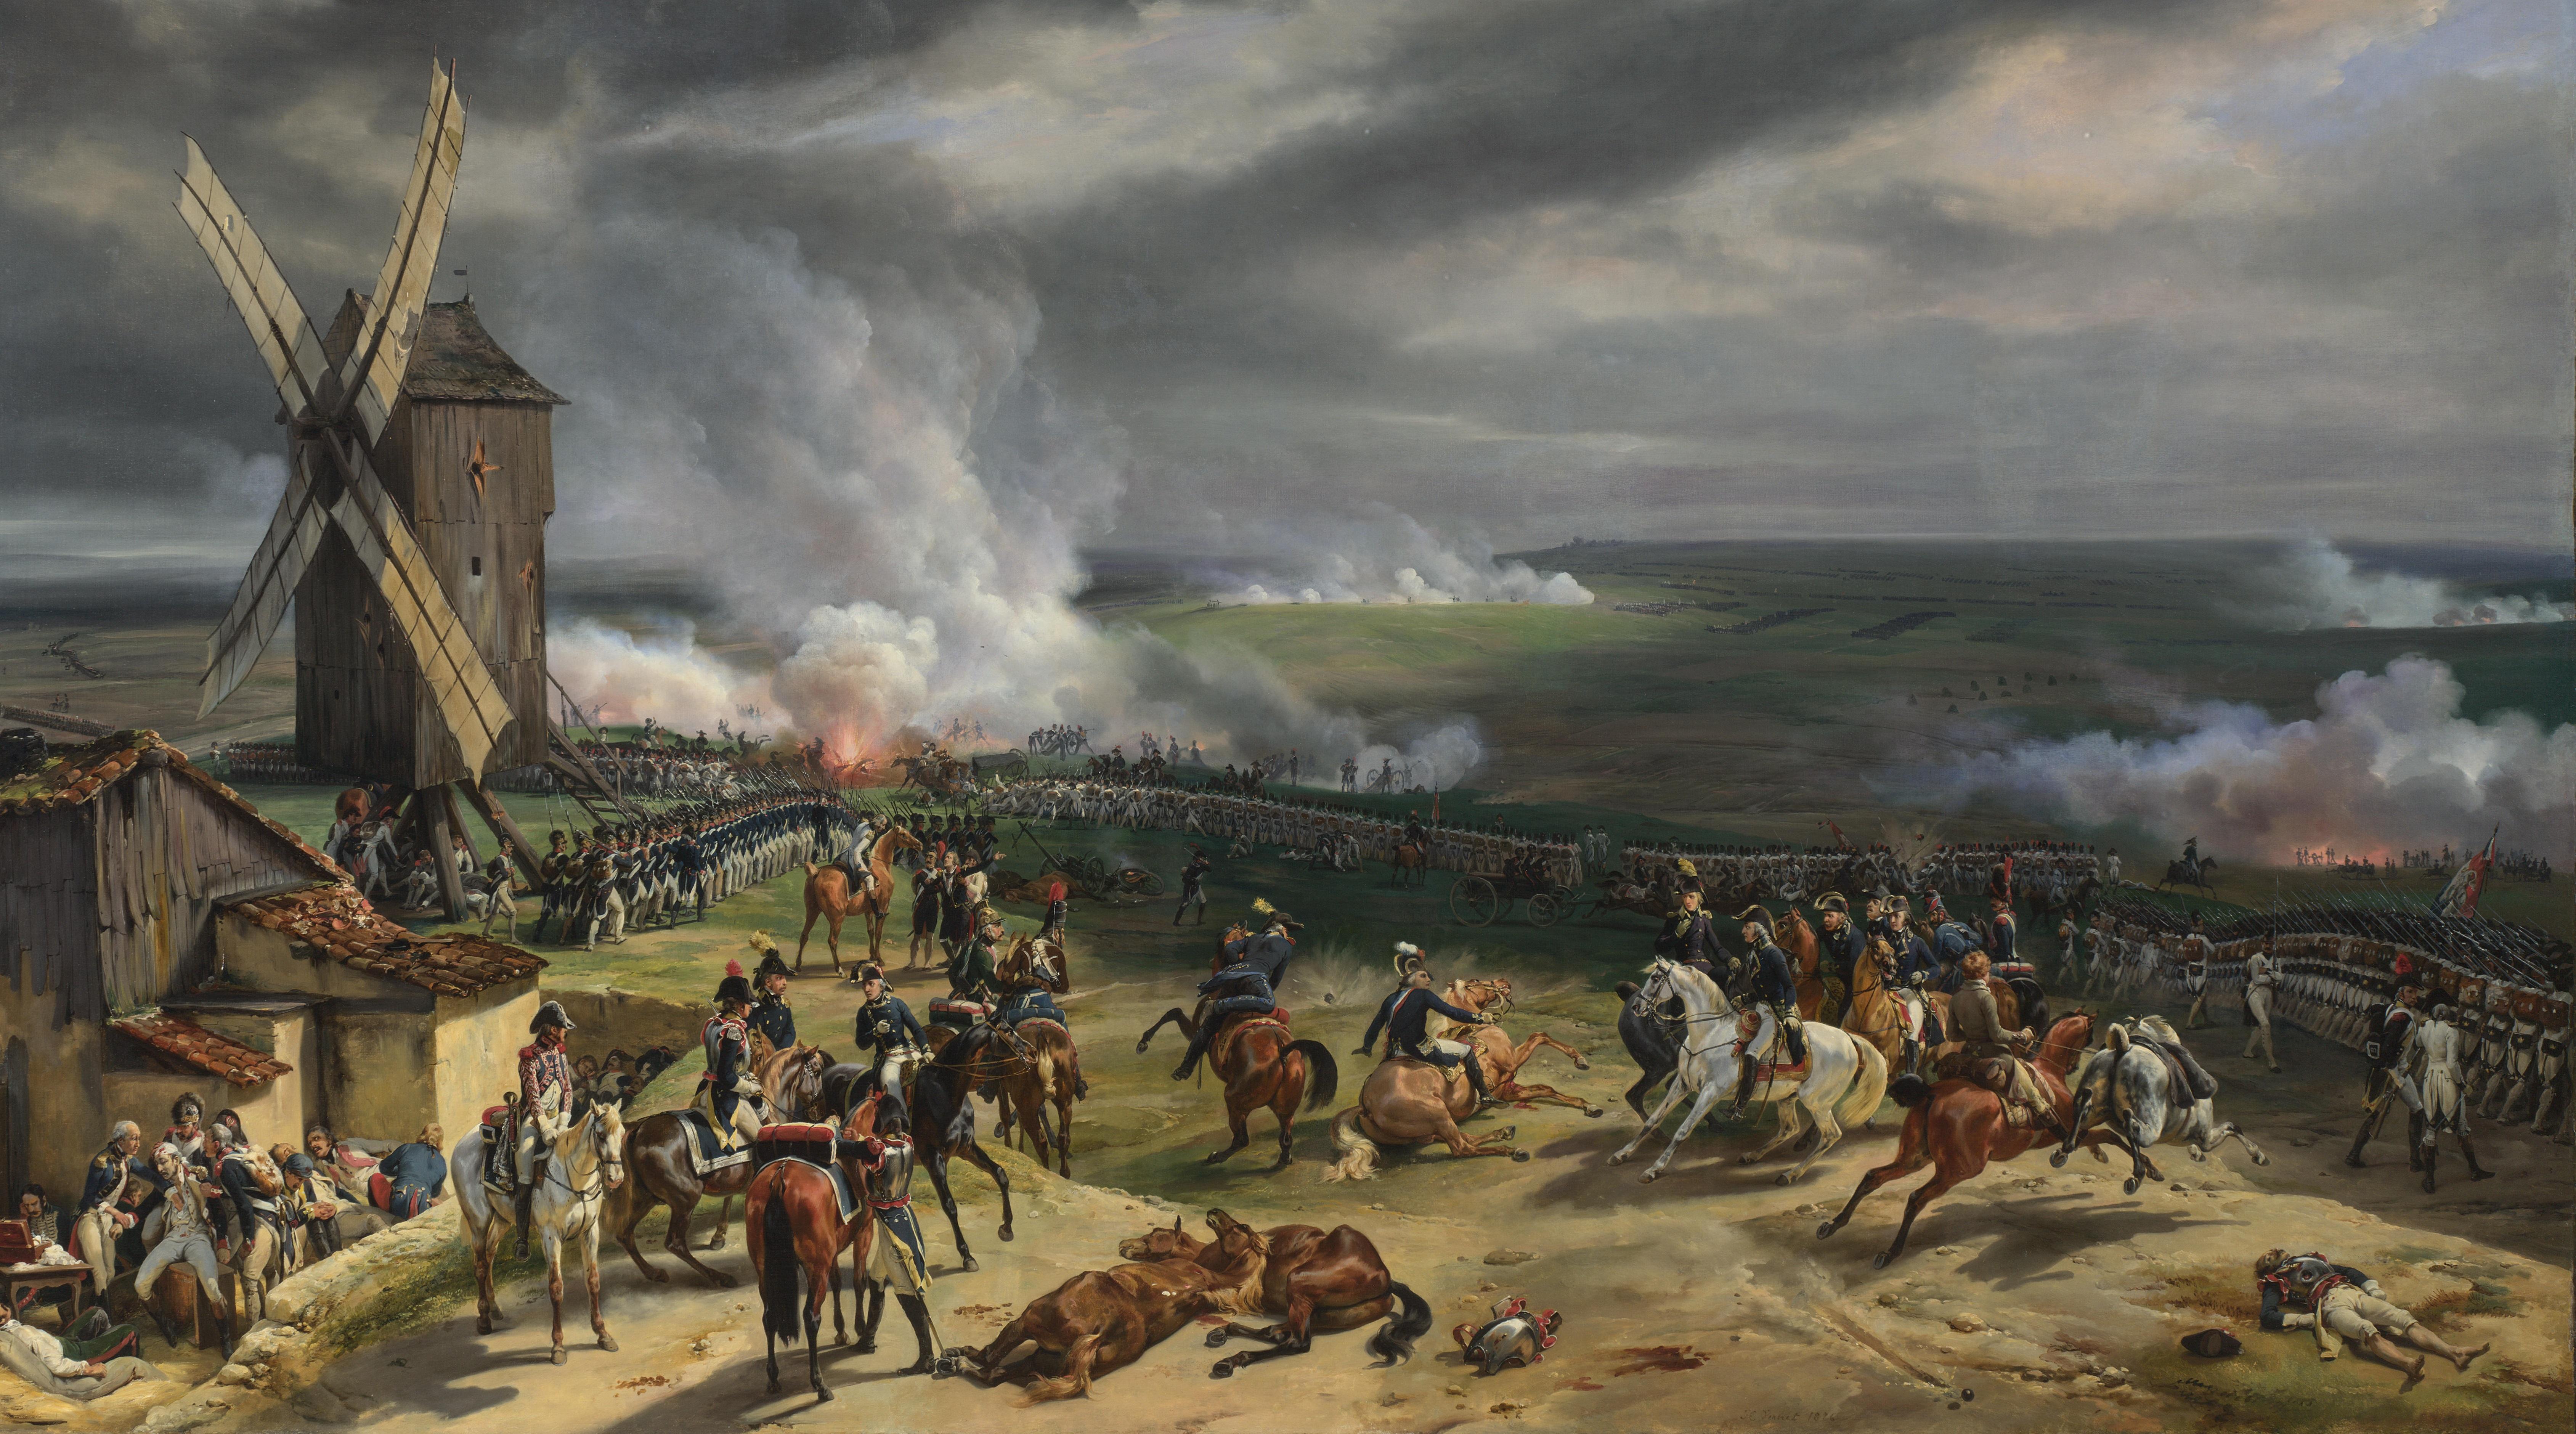 La battaglia di Valmy, di Emile-Jean-Horace Vernet